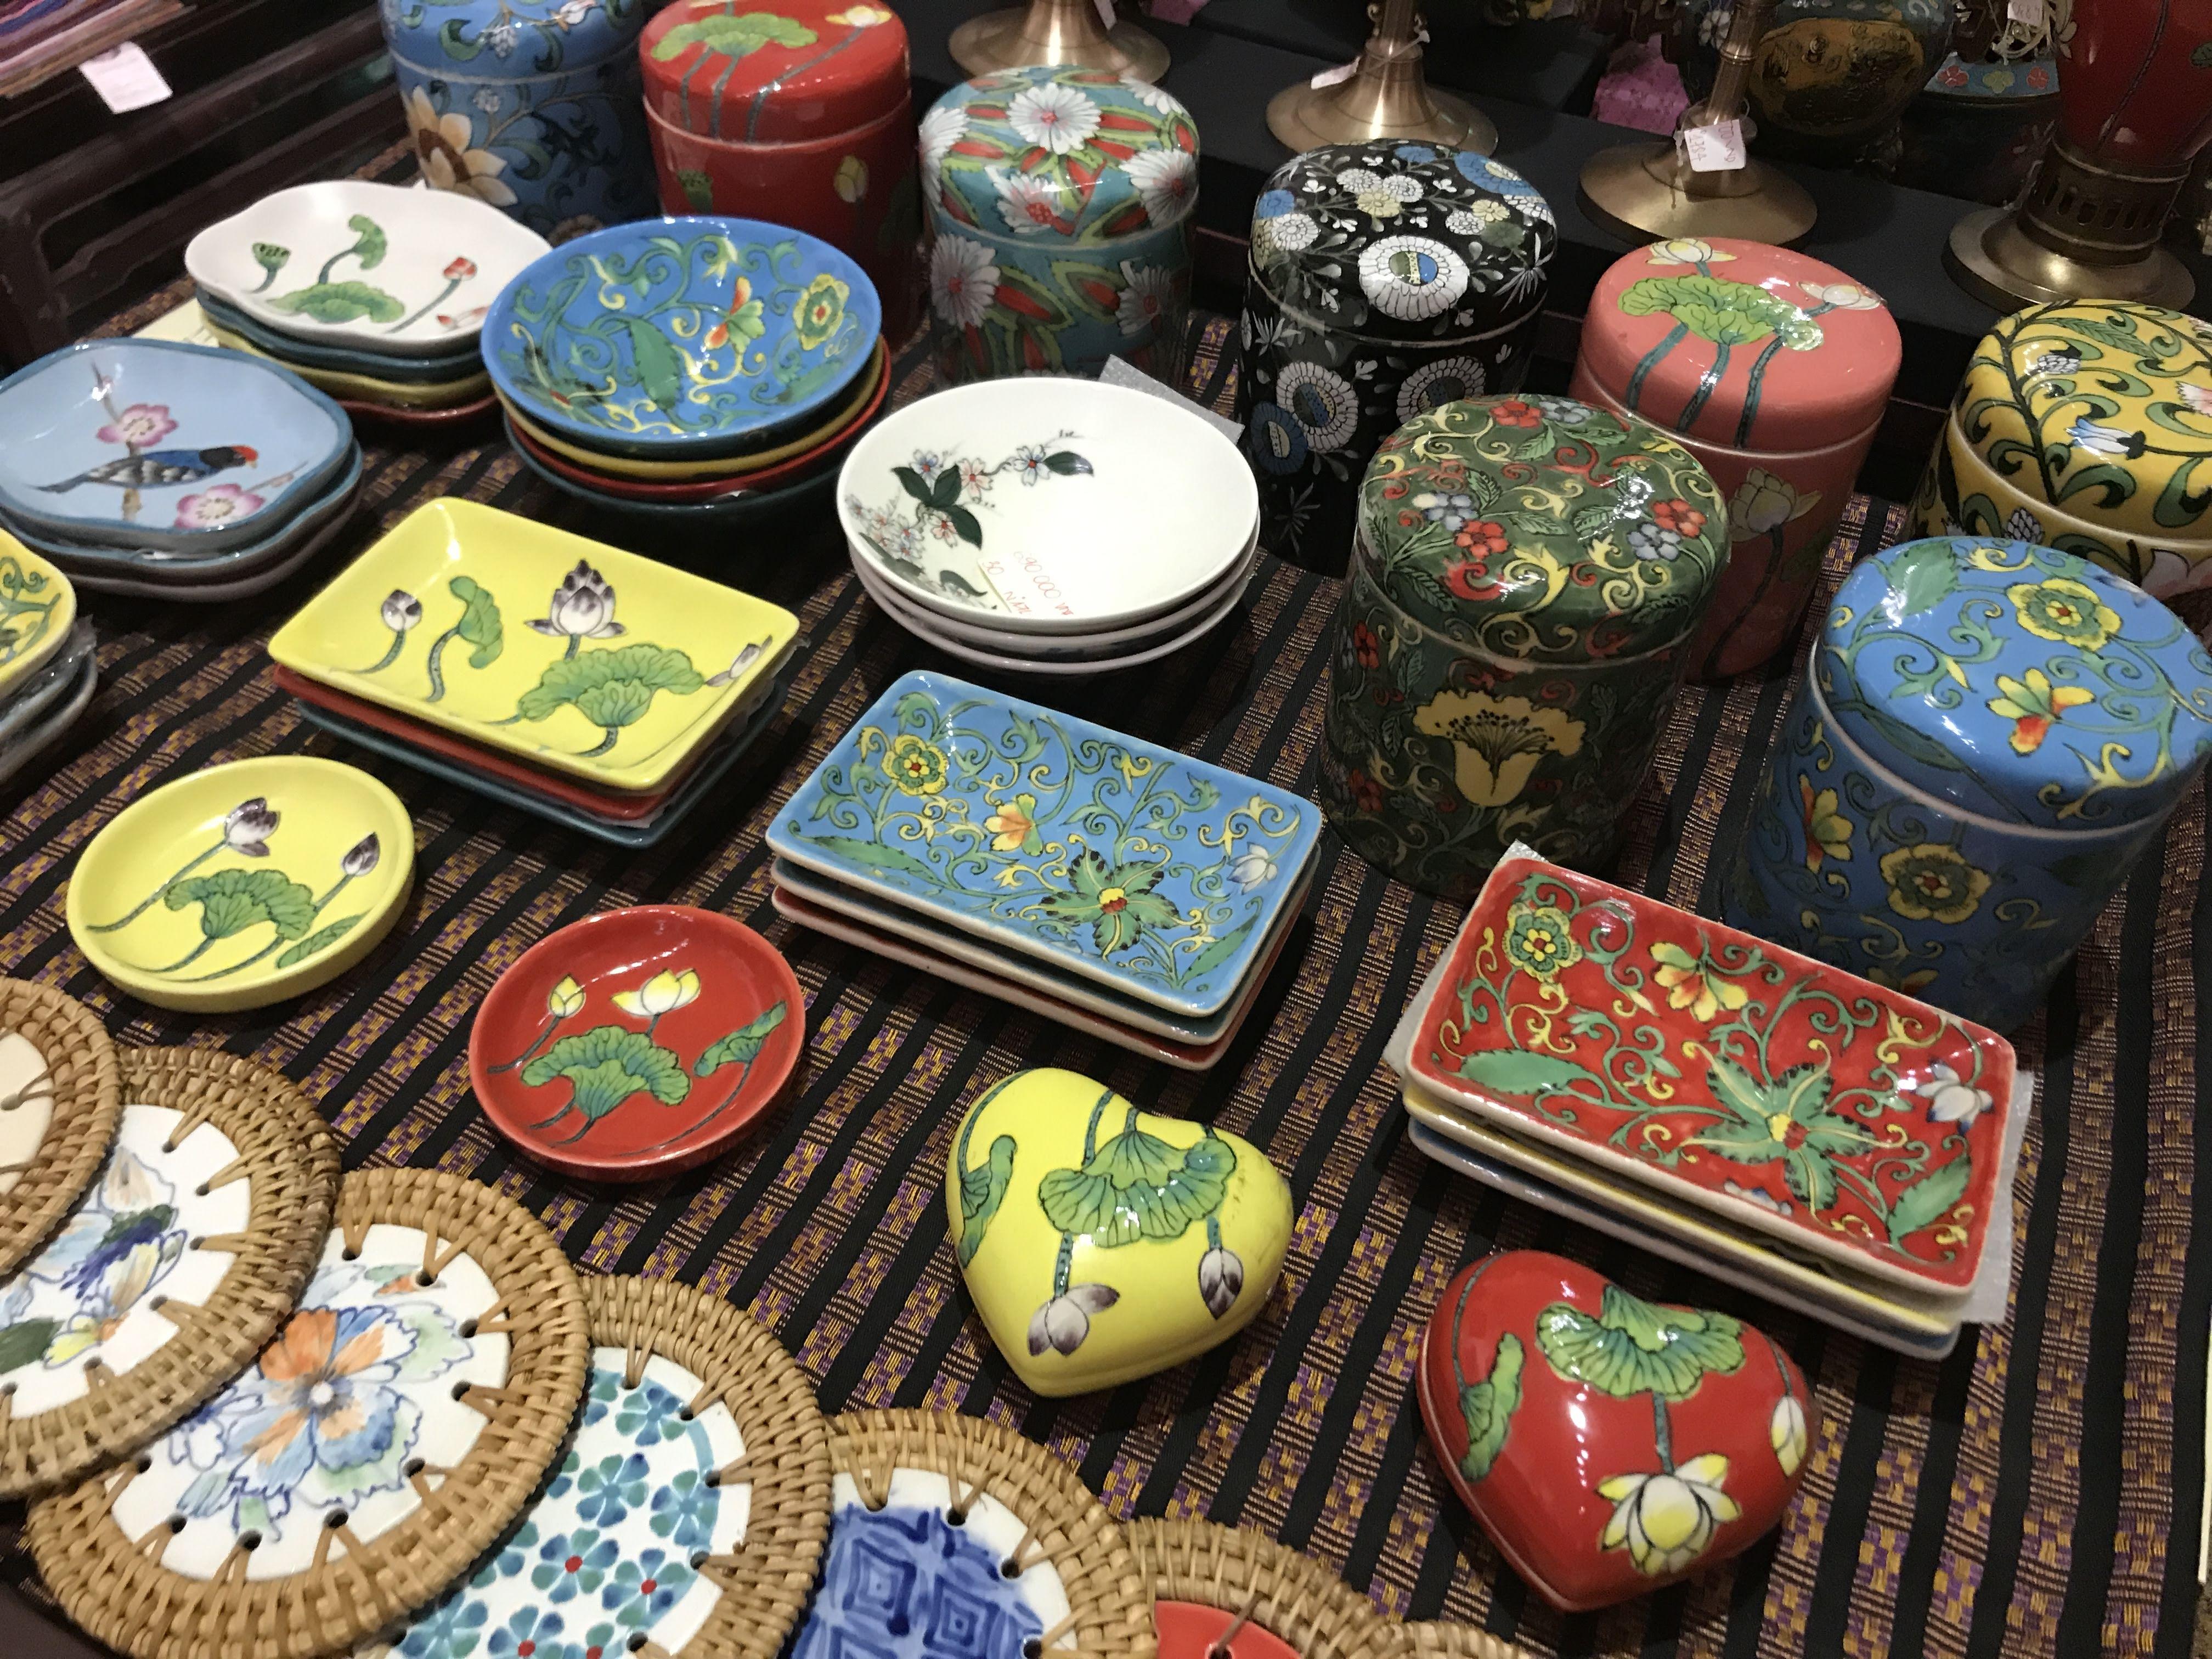 ホーチミンでかわいい雑貨屋はどこ?ブログで紹介されたおしゃれな店も紹介,ベトナム,ホーチミン ,雑貨,かわいい,おしゃれ,プログ